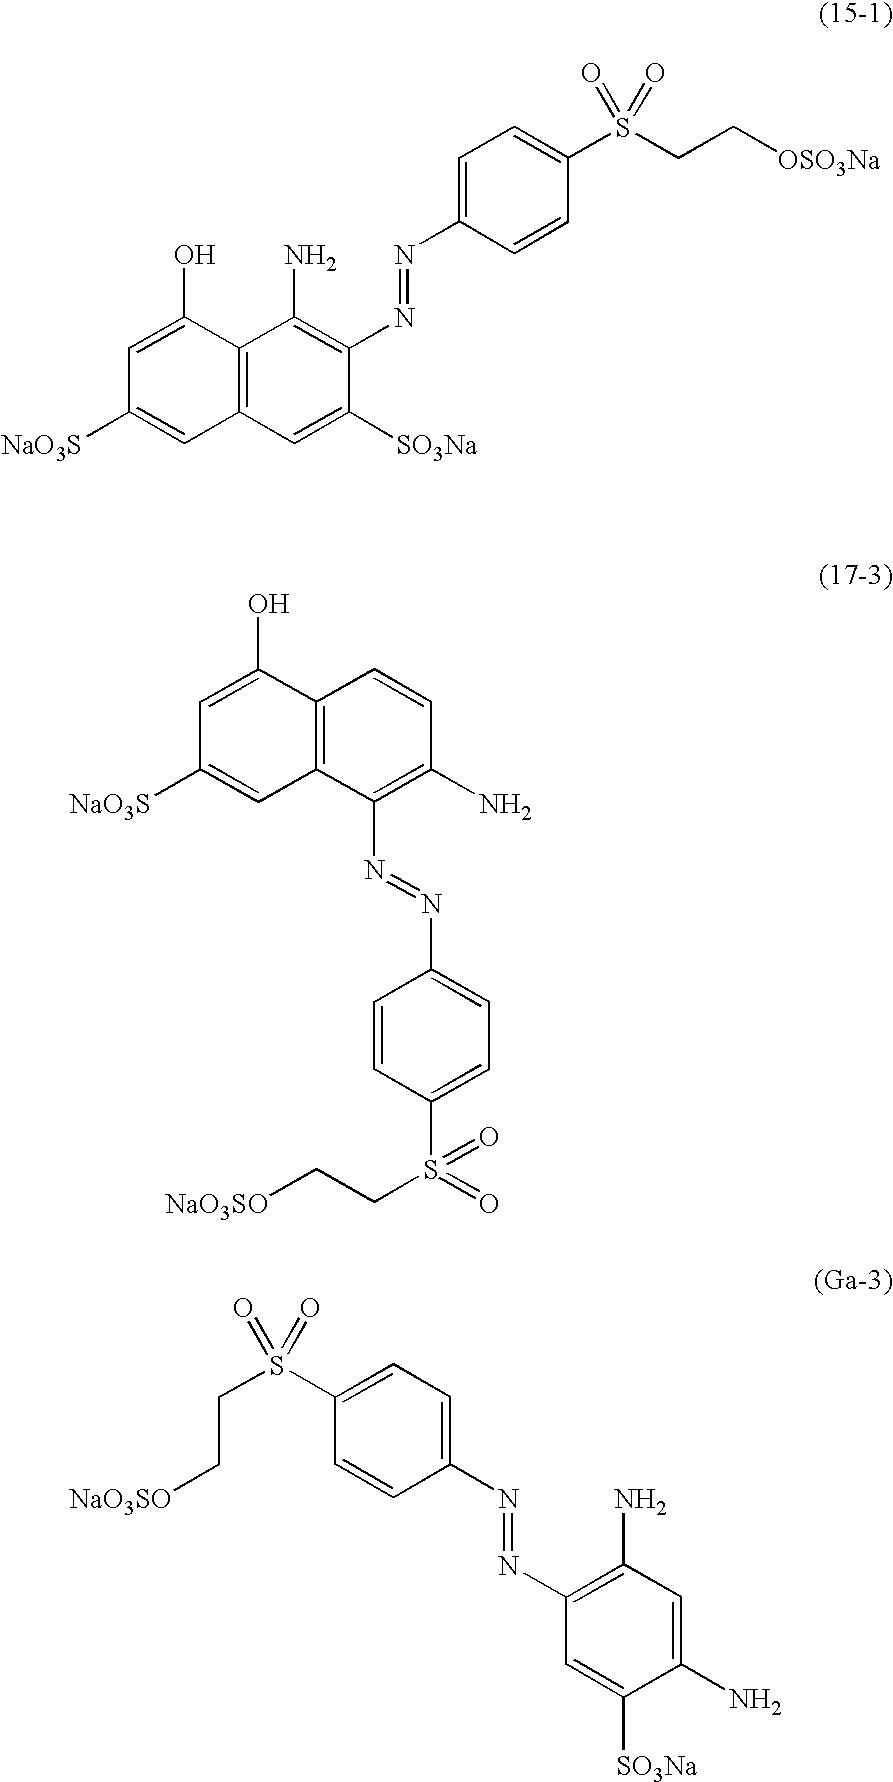 Figure US07708786-20100504-C00238